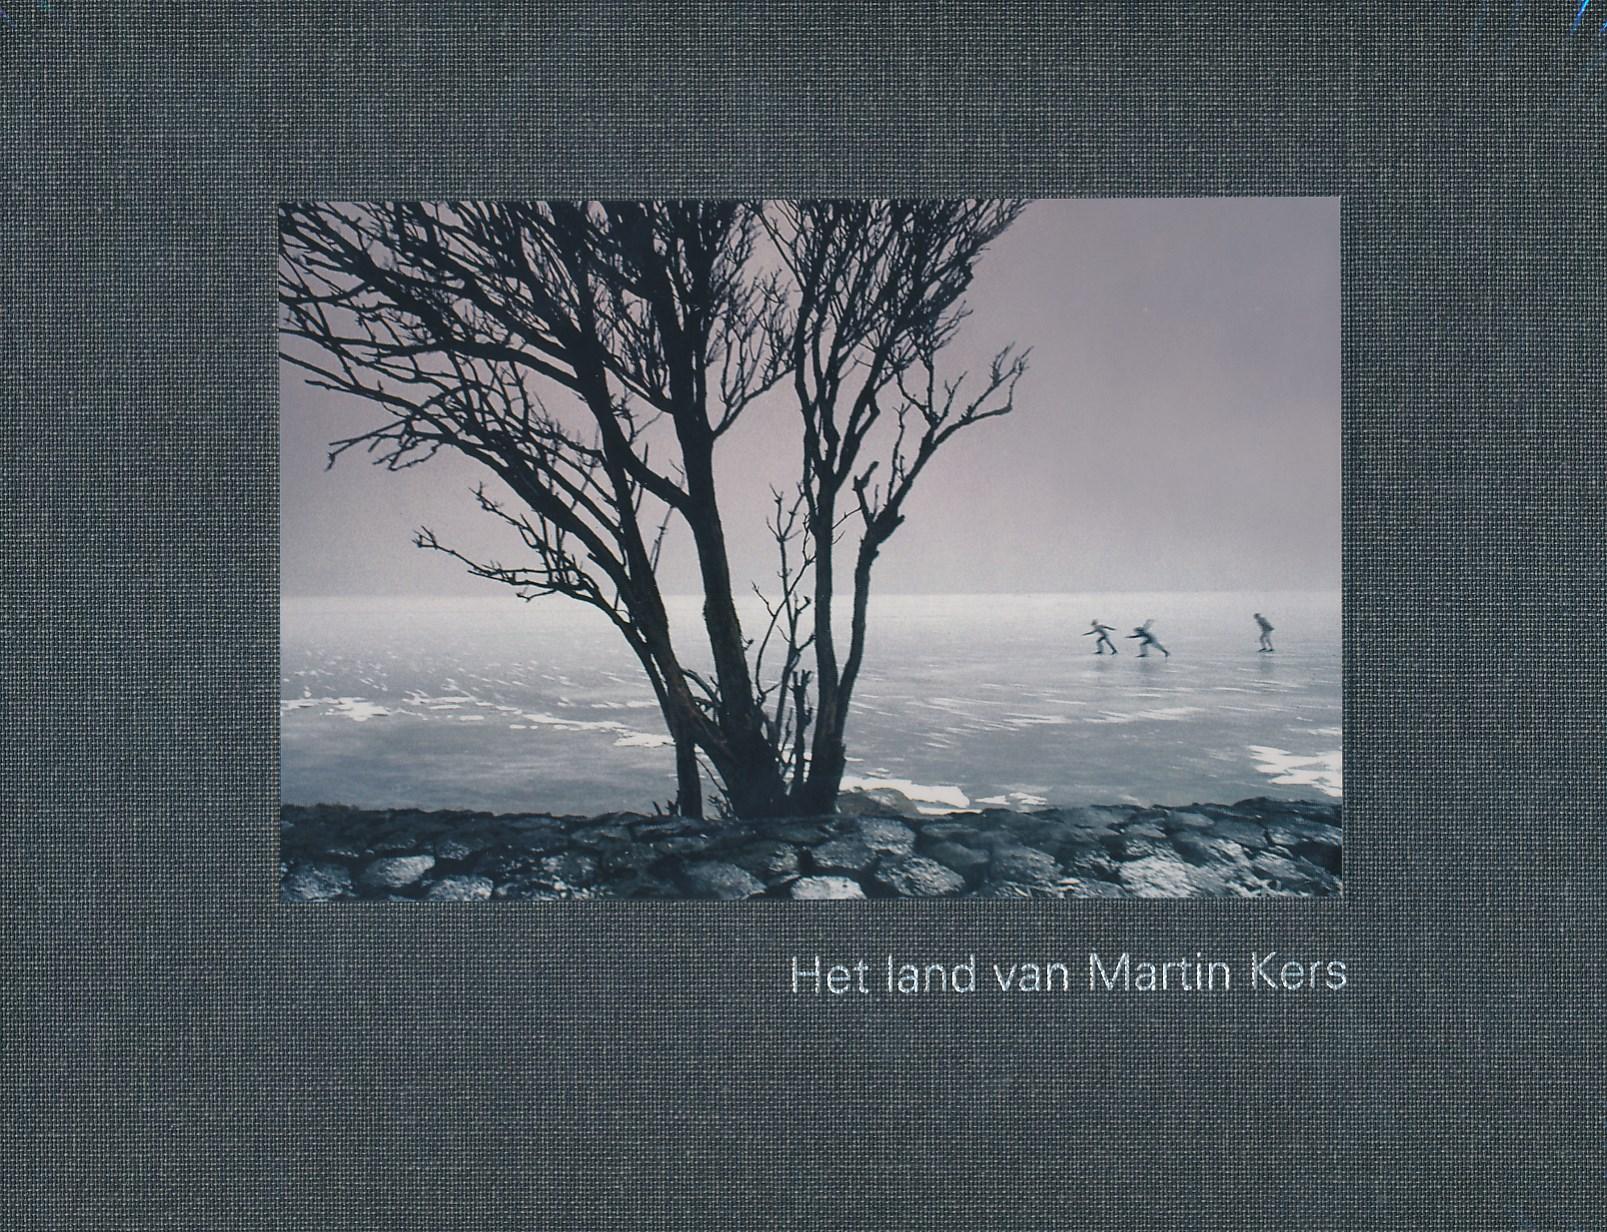 Fotoboek Het land van Martin Kers   Wbooks   Koos de Wilt